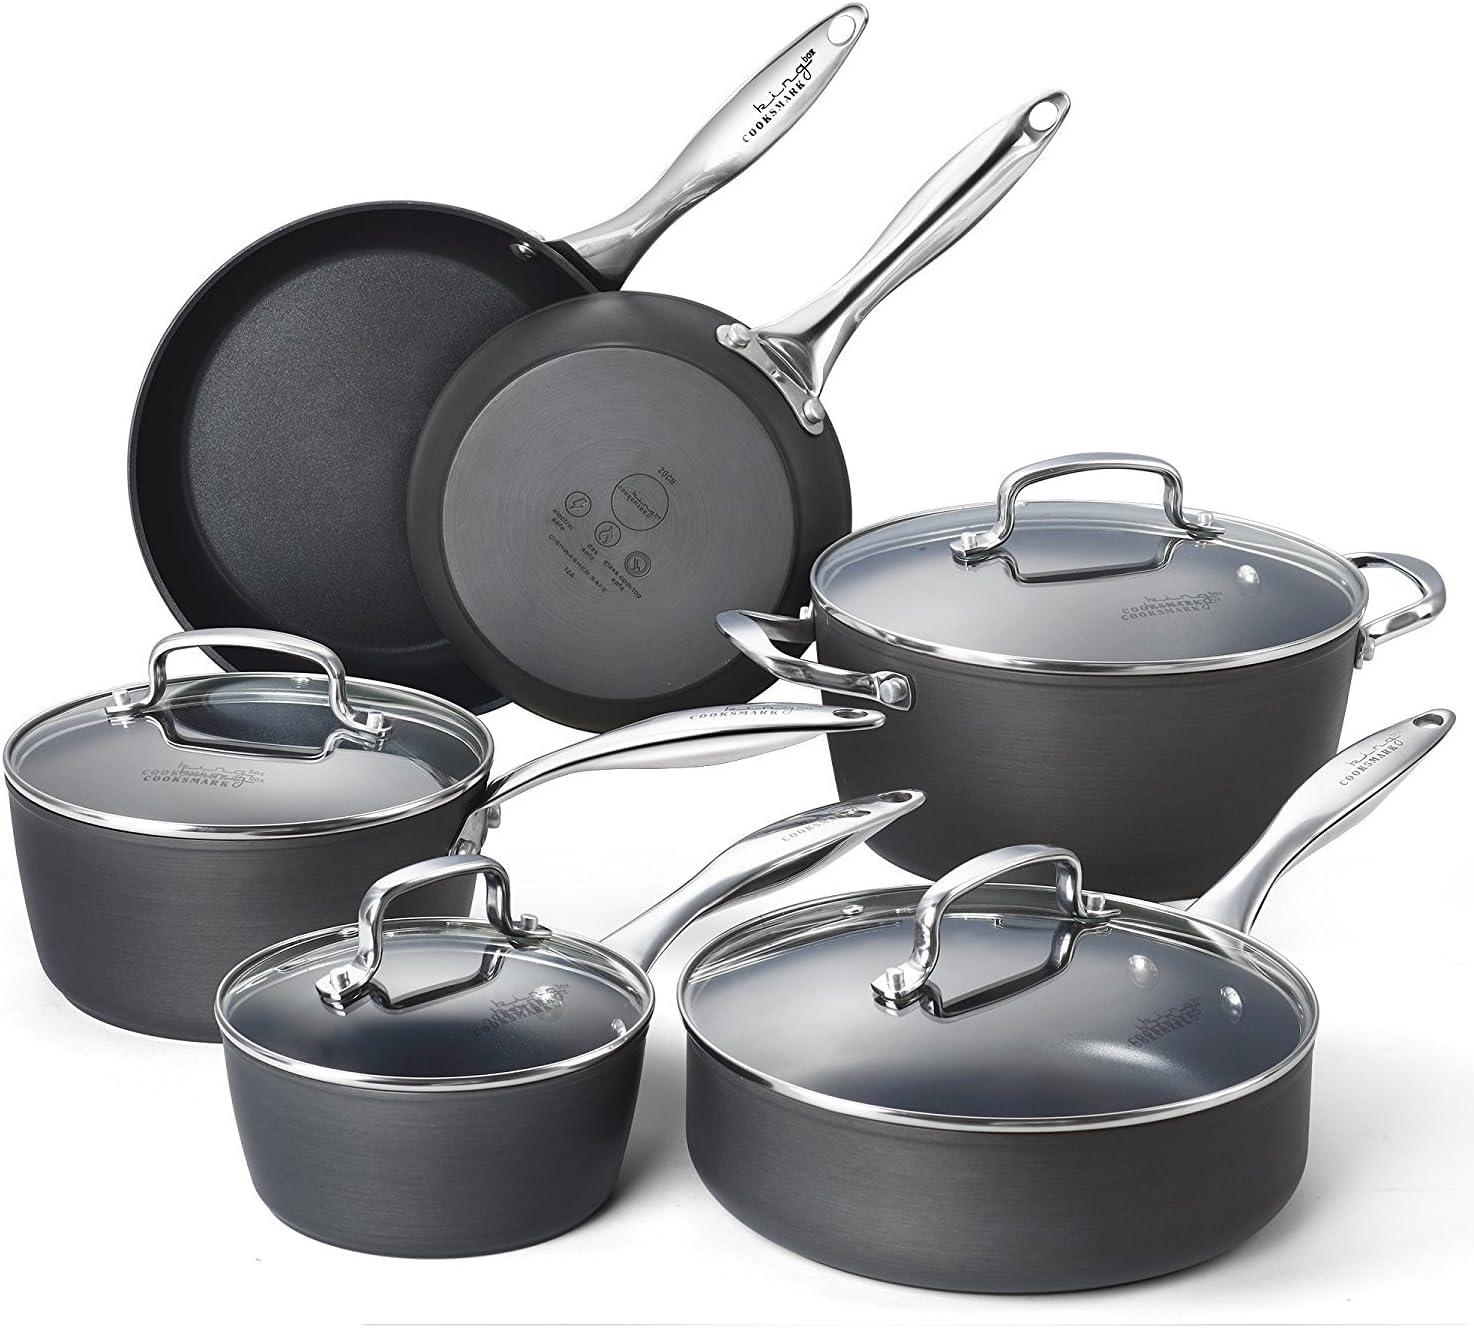 Cooksmark Kingbox 10-Piece Hard-Anodized Dishwasher Safe Nonstick Black Aluminum Cookware Set, Oven Safe,IH Safe